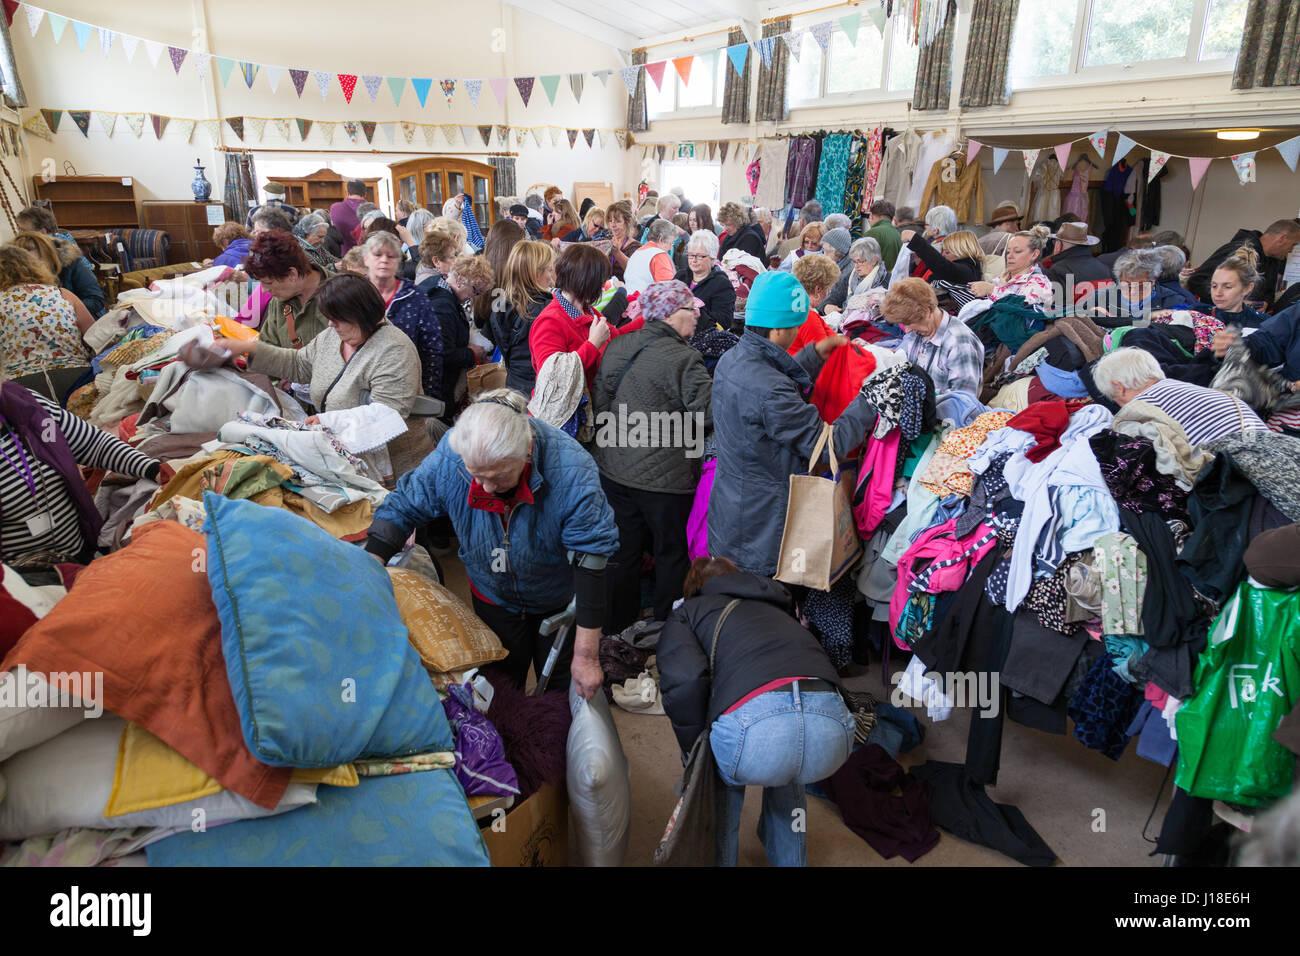 jumble sale, village hall, crowd of people, hamstreet, ashford, kent, uk Stock Photo